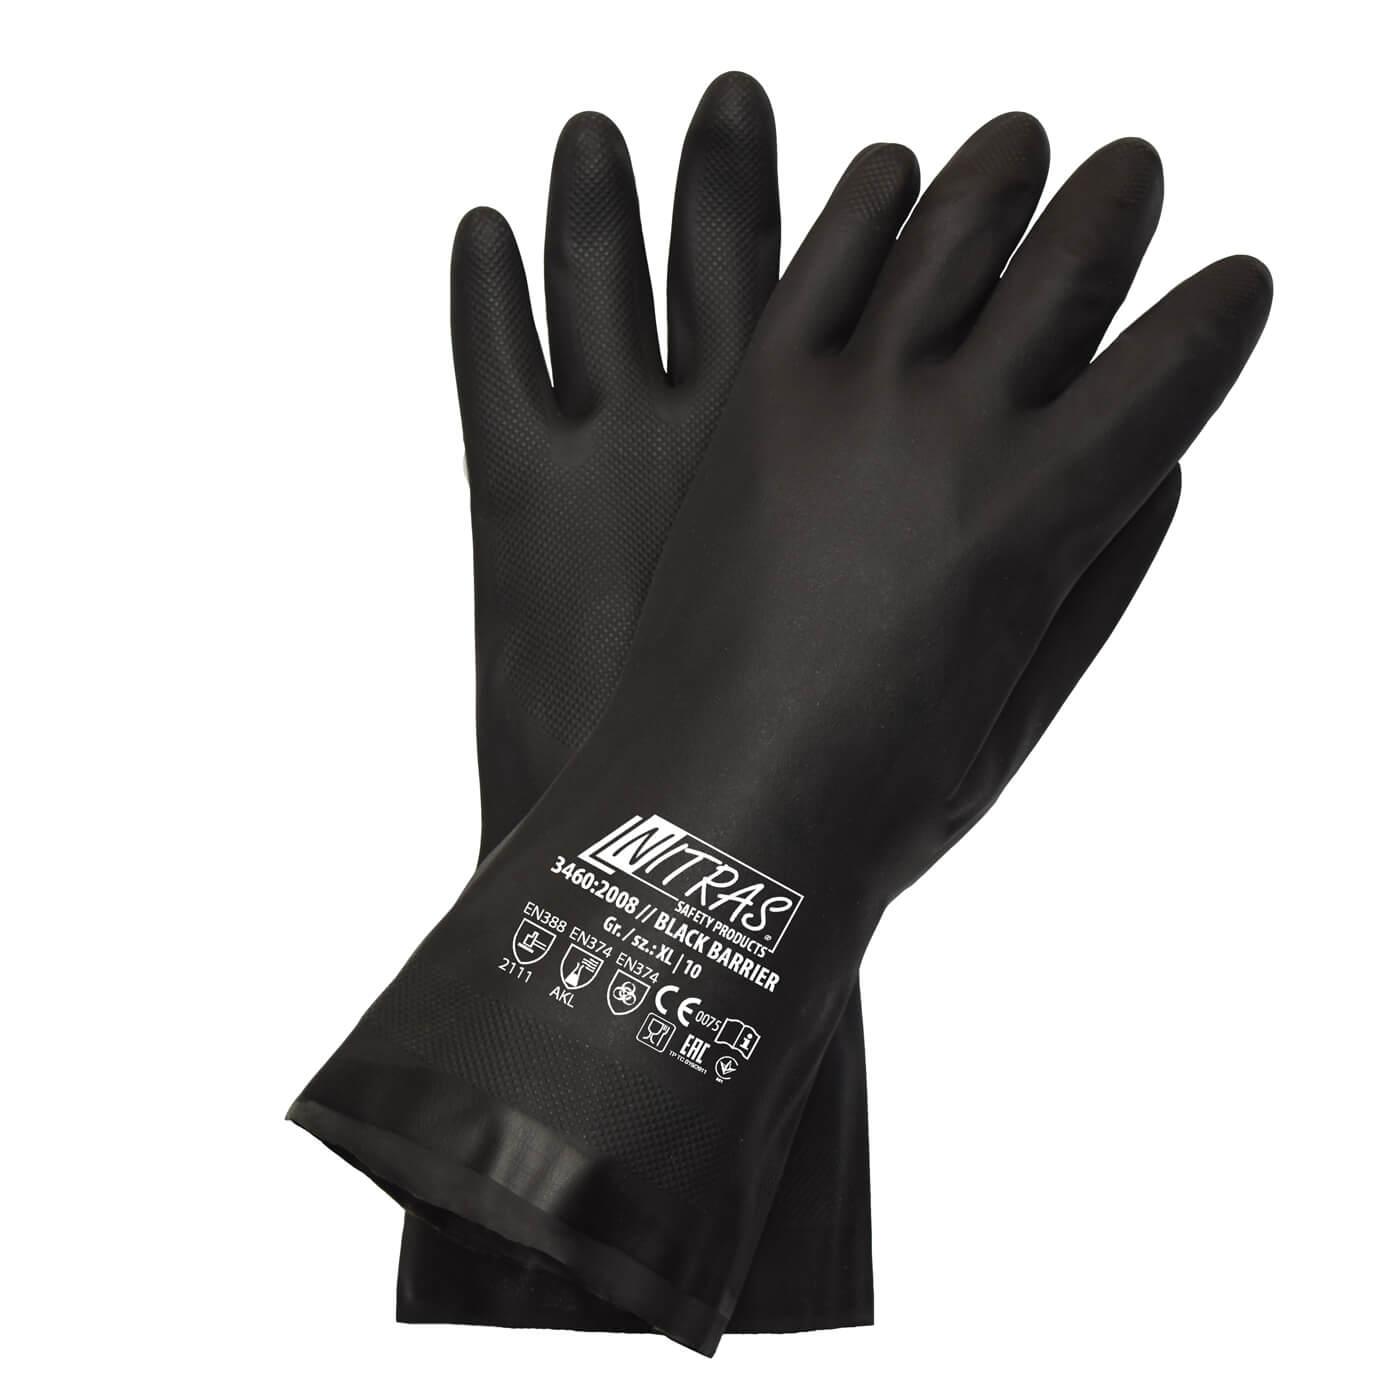 Rękawice chemiczne Nitras 3460/ BLACK BARRIER